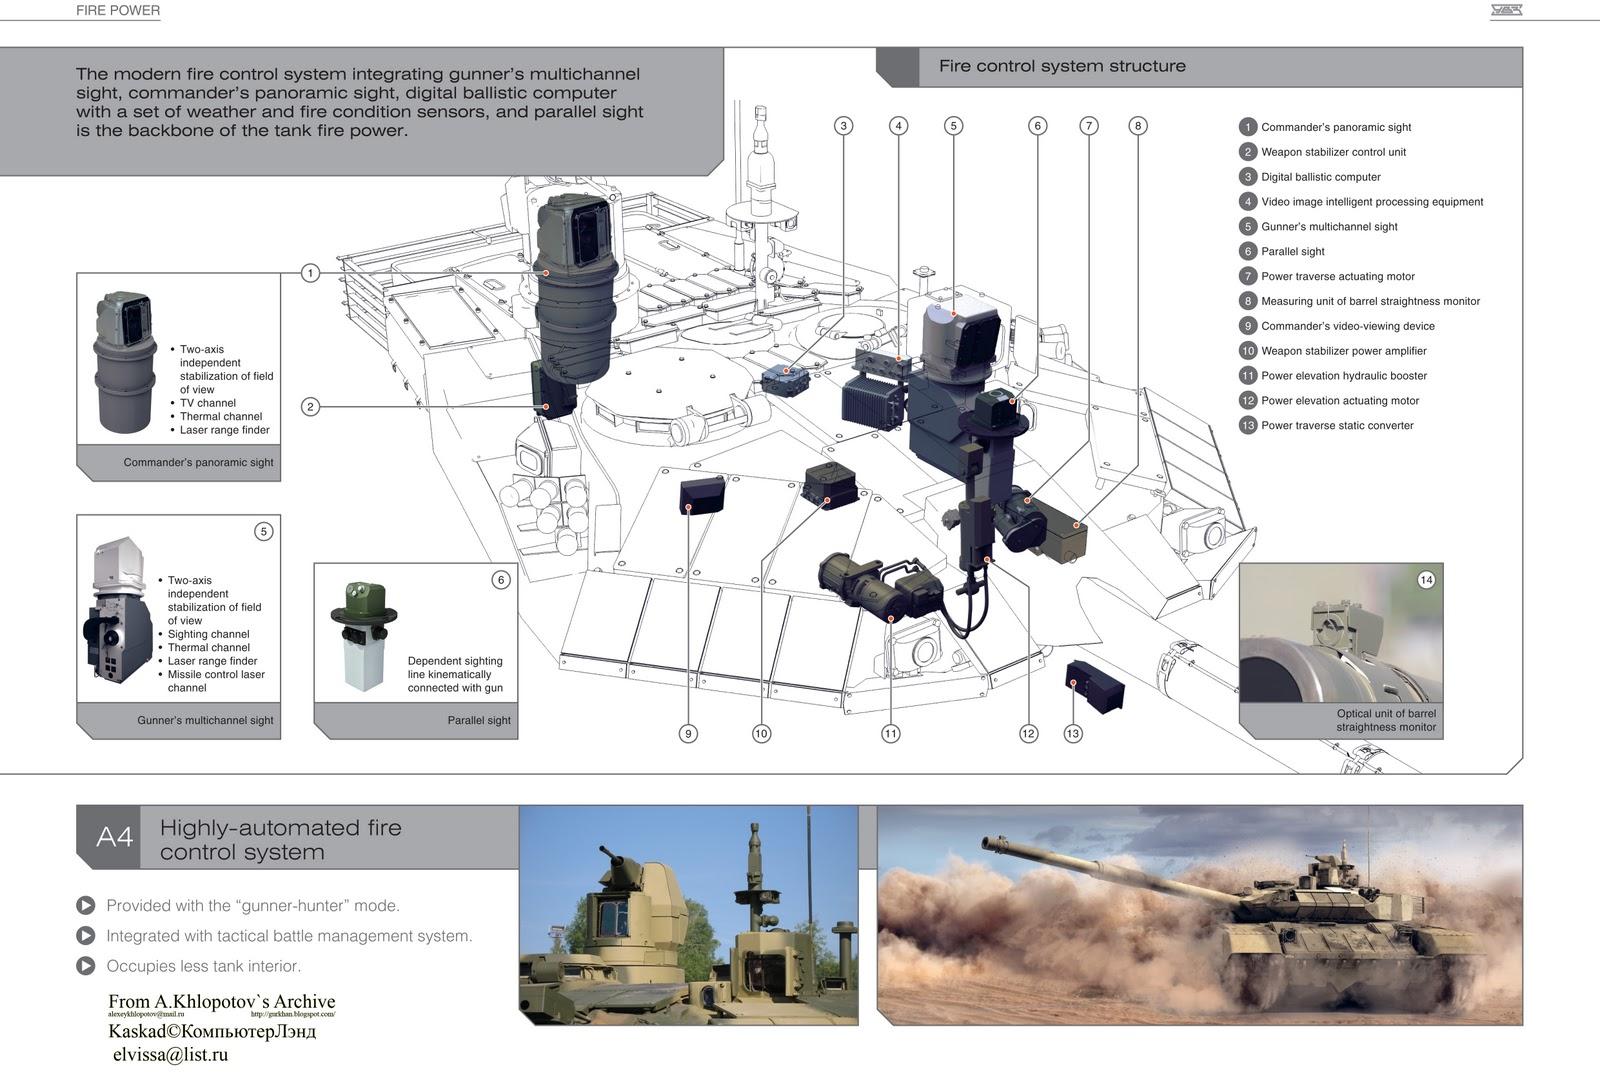 Re: Russia's T-90 tank - winner or loser?